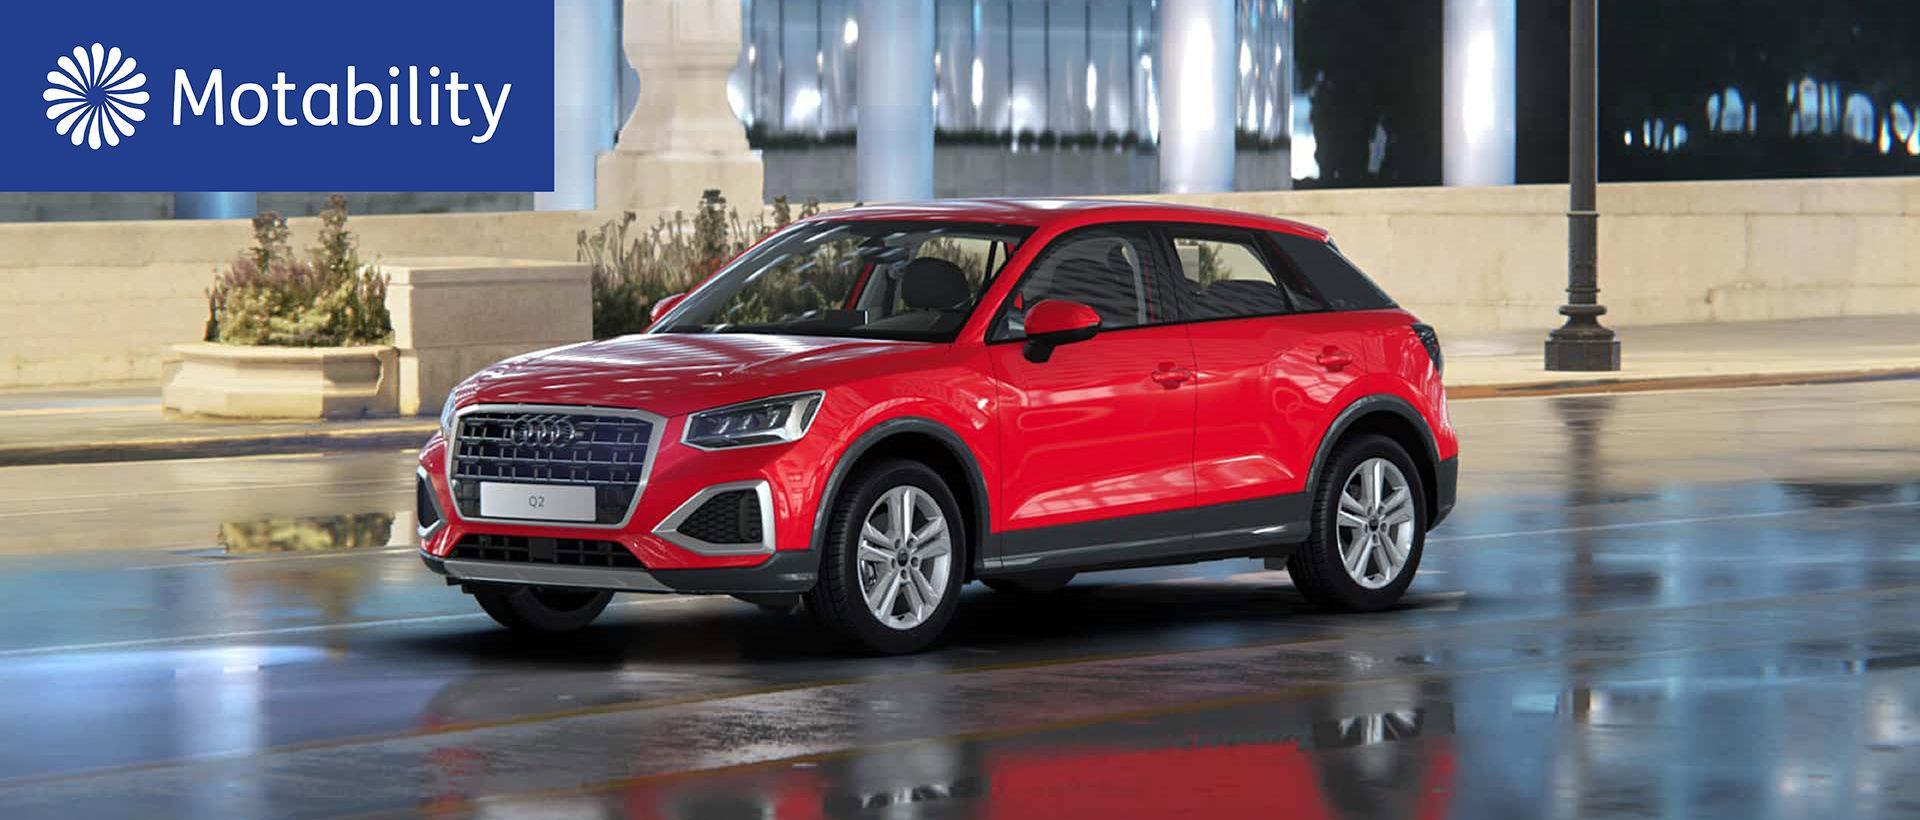 Audi Q2 Motability Offers